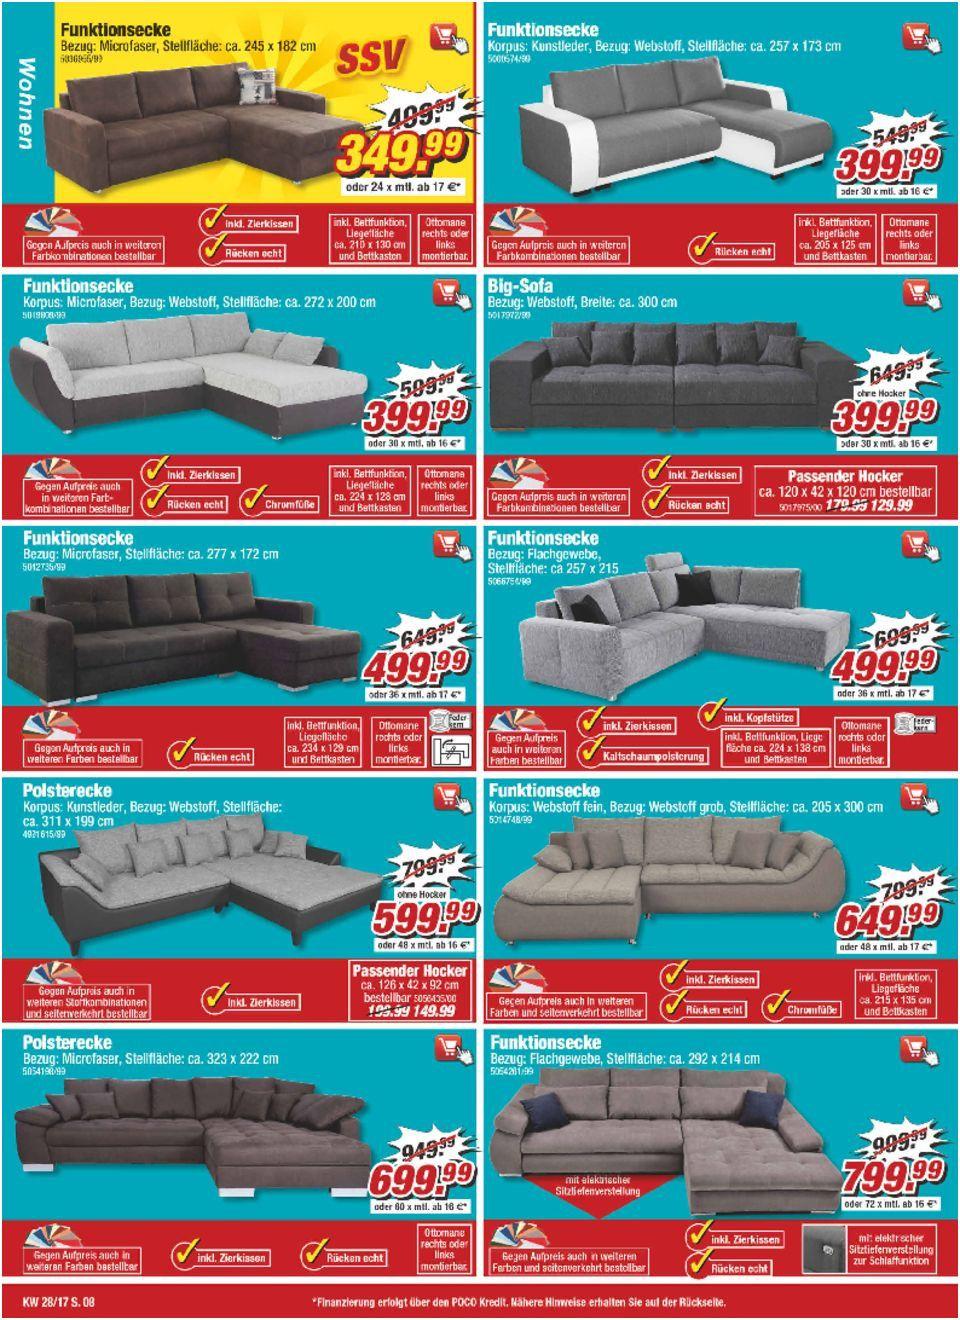 Glamorous Poco Big Sofa Werbung Big Sofas Home Home Decor